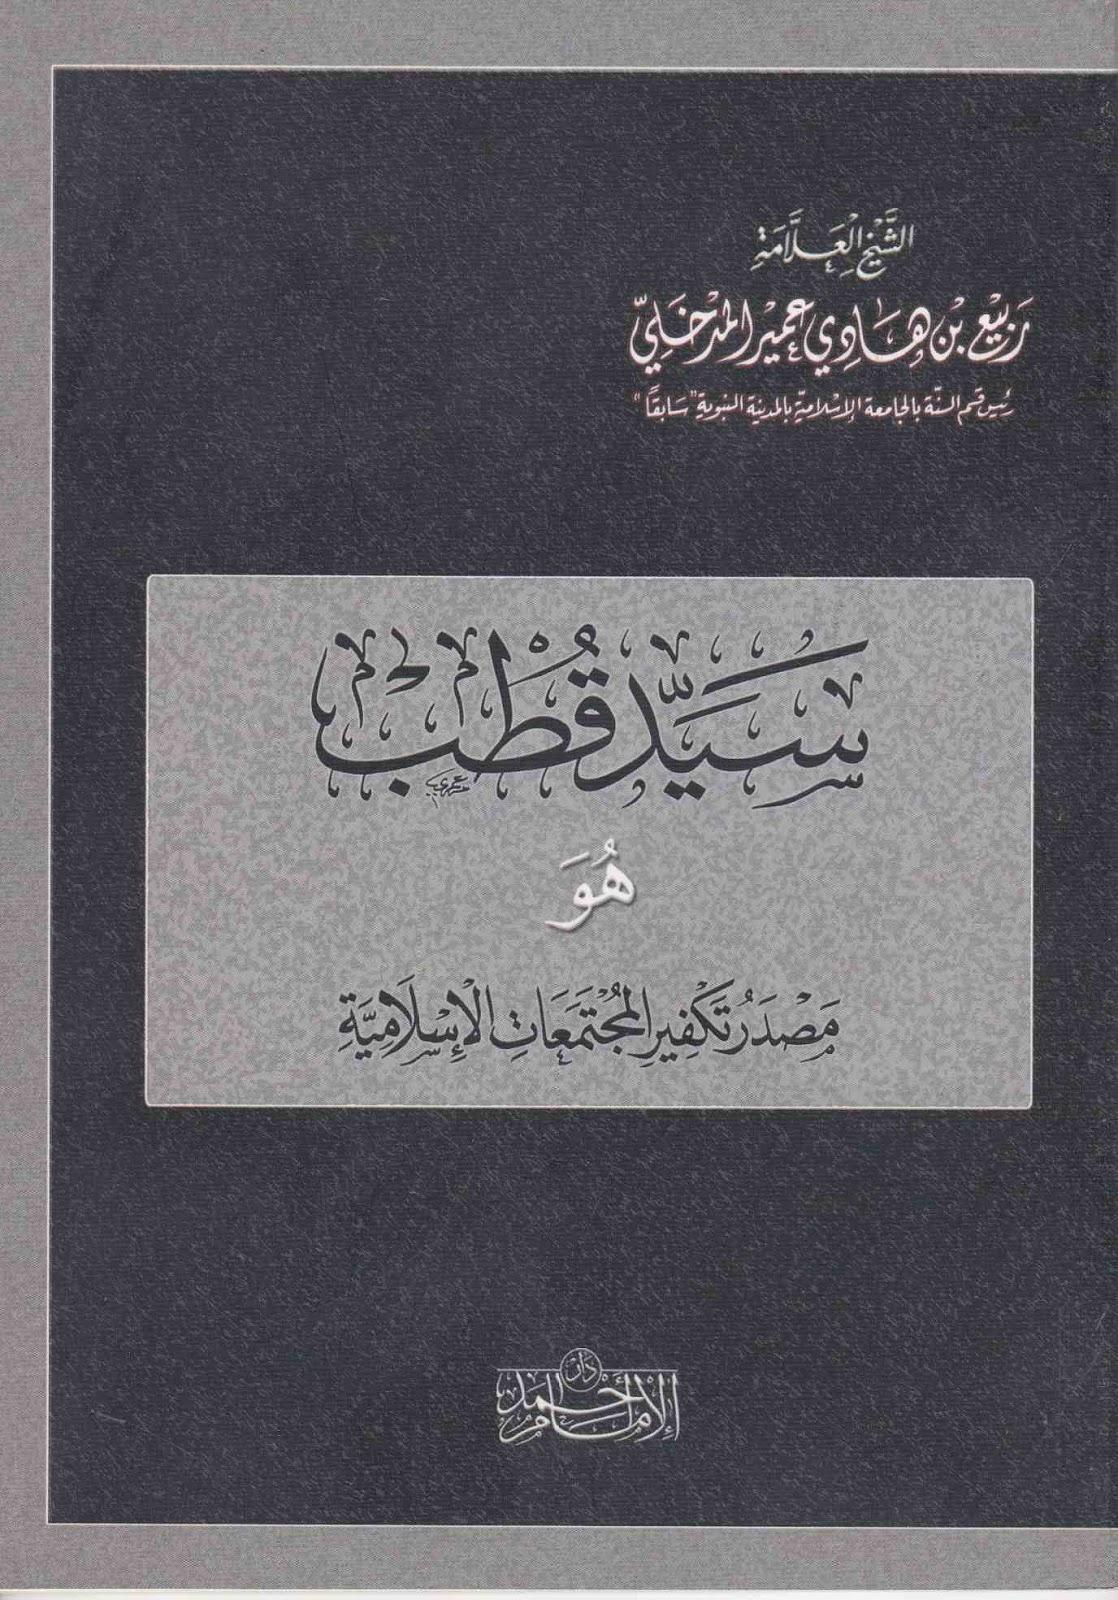 كتاب الذريعة للشيخ ربيع pdf